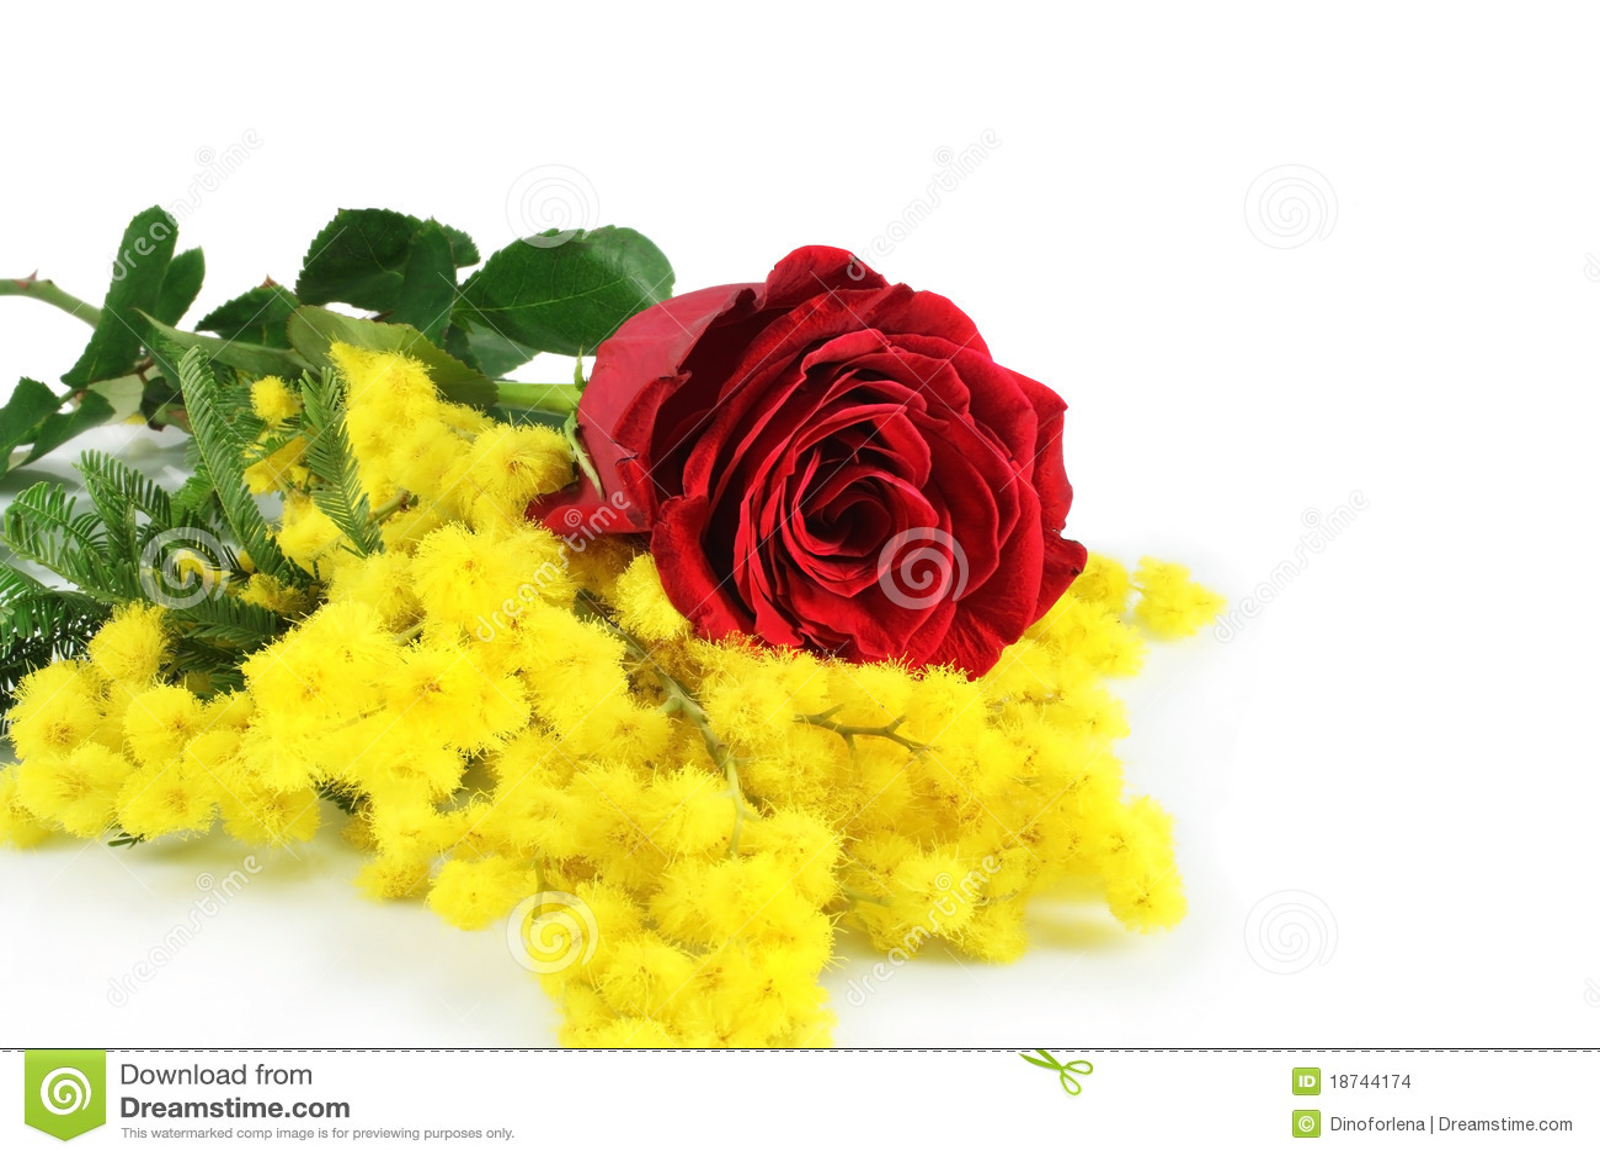 Primo piano del mimosa e della Rosa su una priorità bassa bianca.